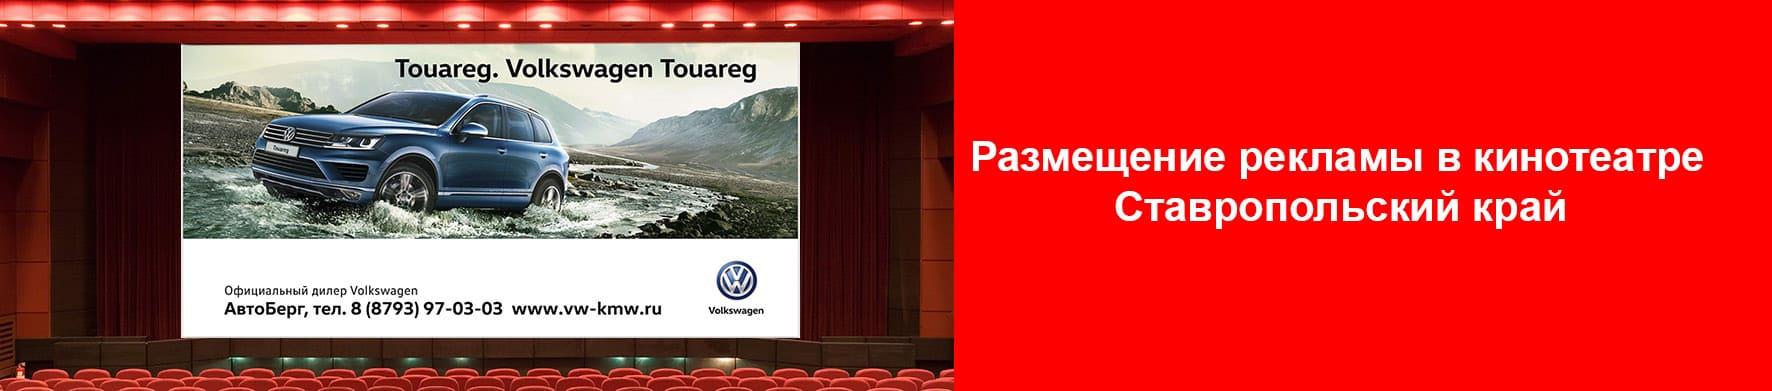 Реклама в кинотеатре Пятигорск